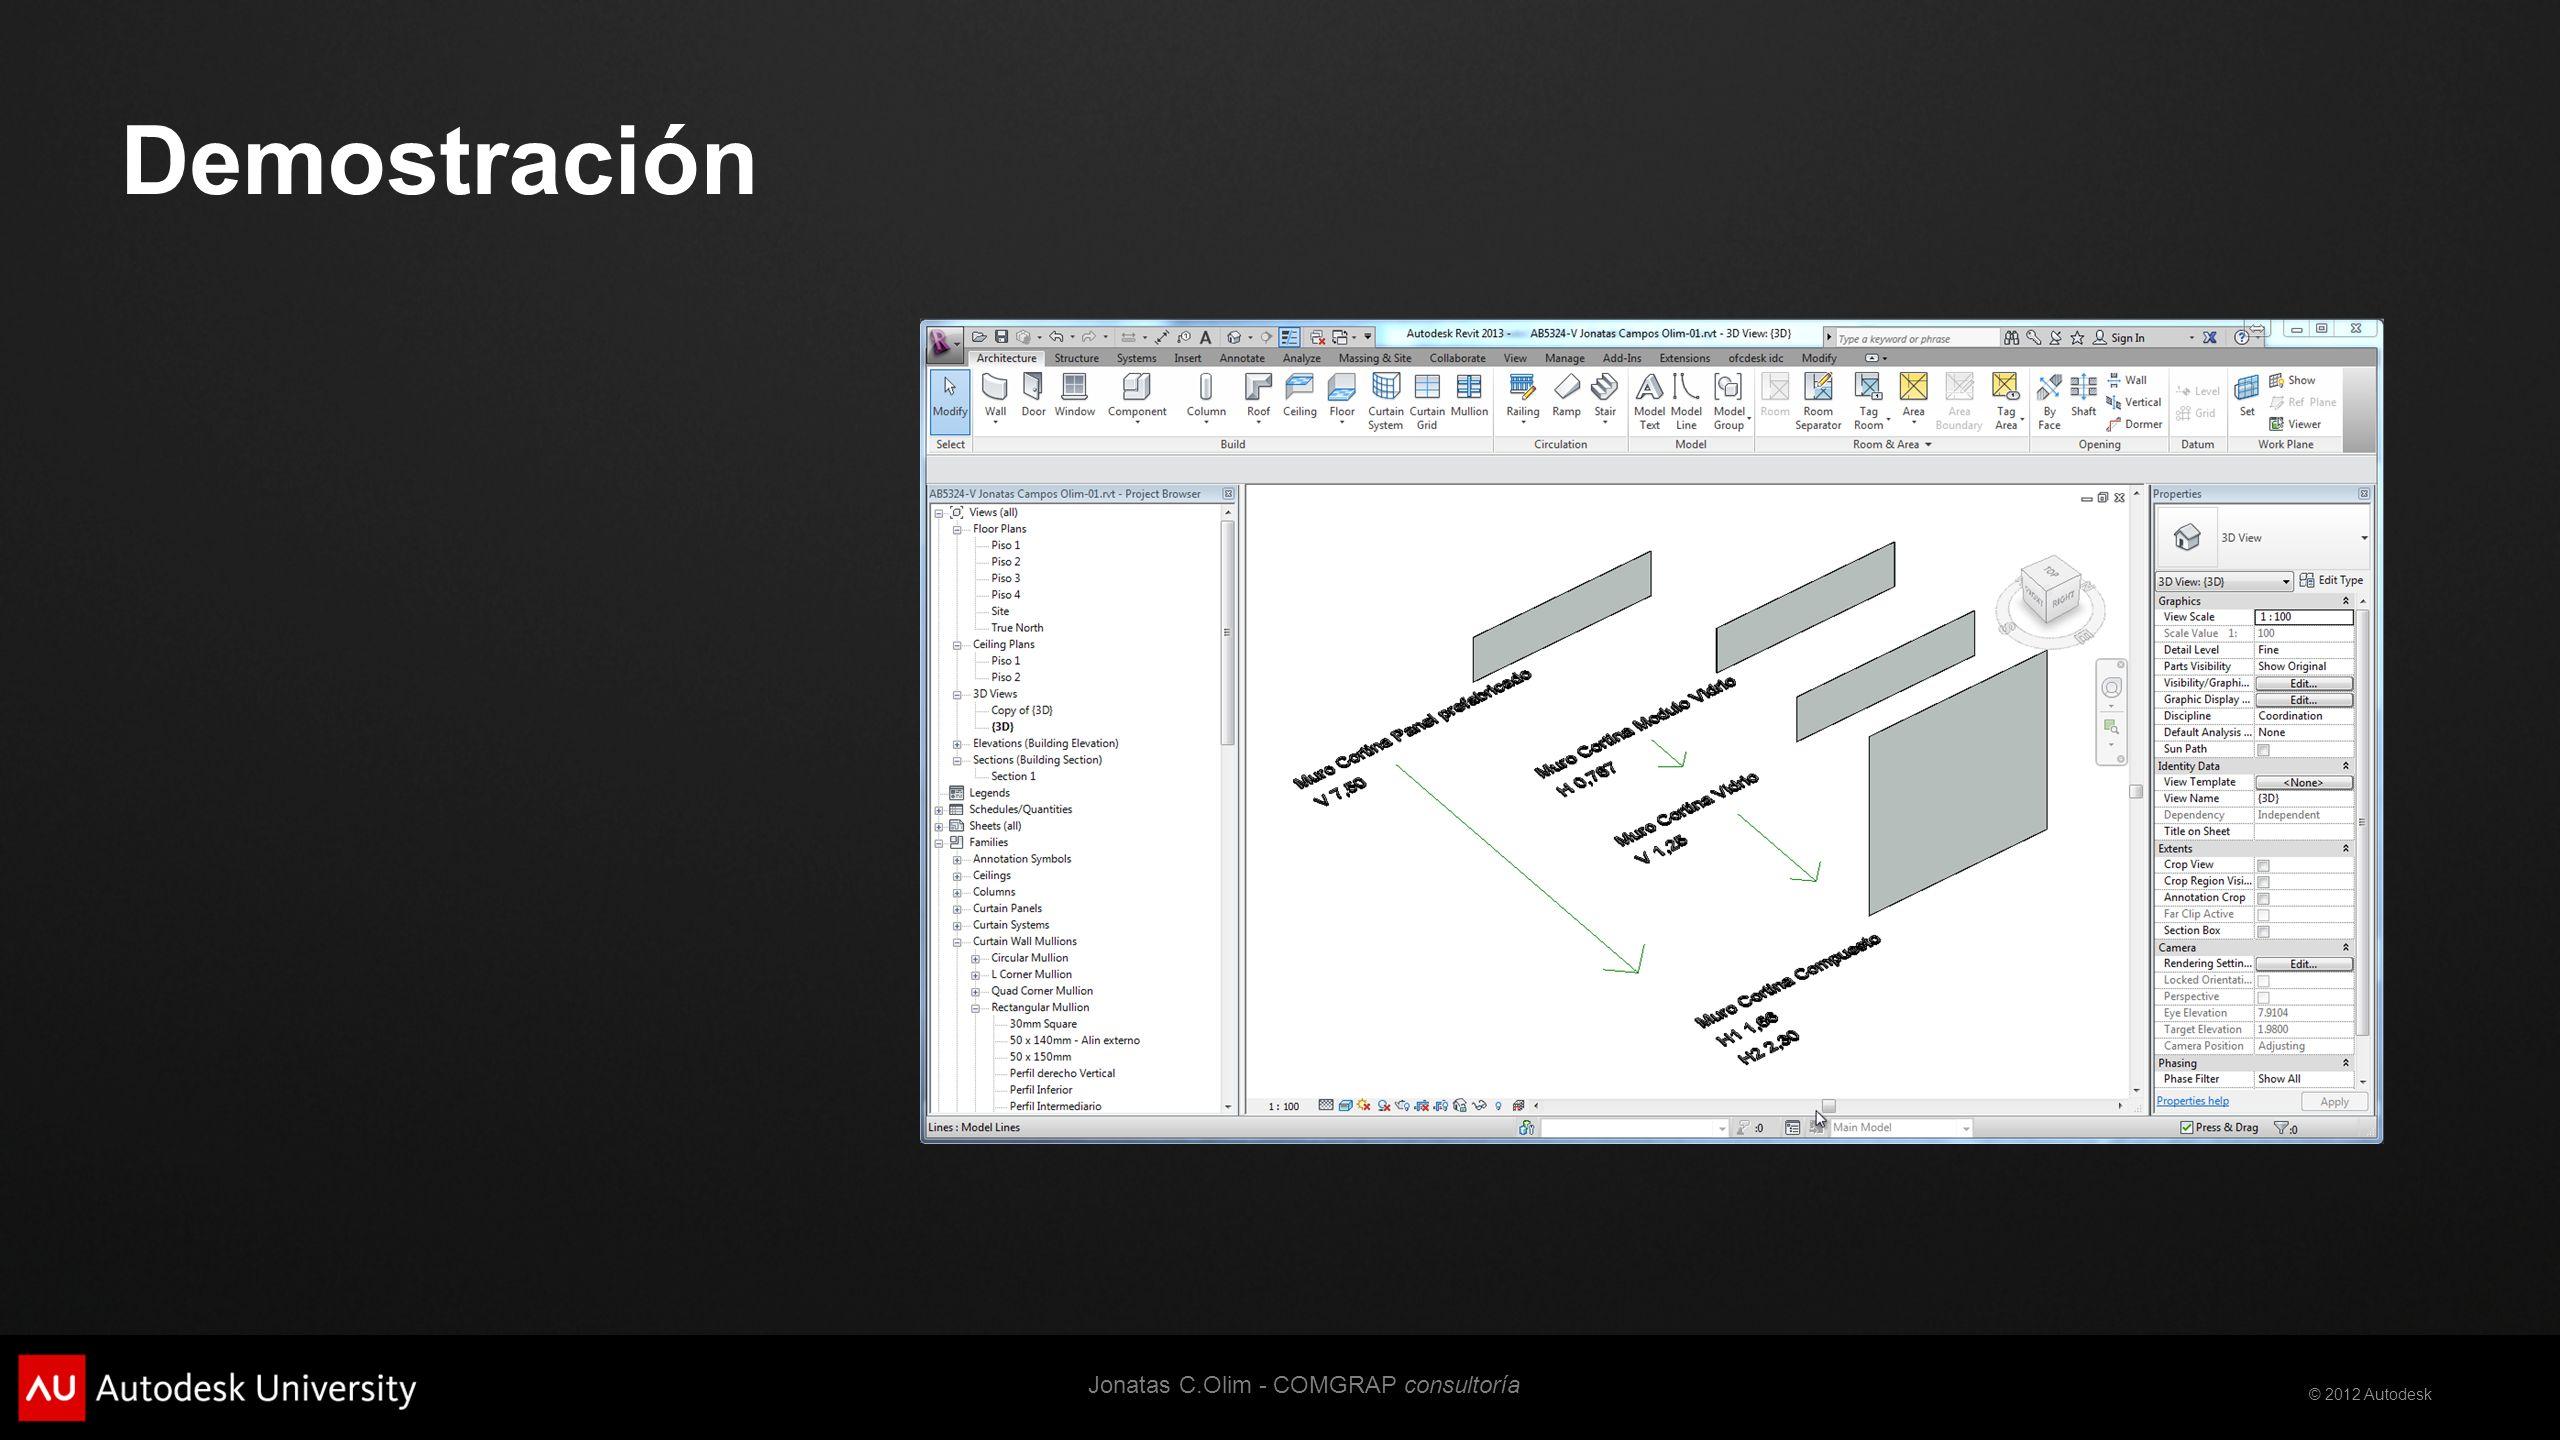 © 2012 Autodesk Demostración Jonatas C.Olim - COMGRAP consultoría